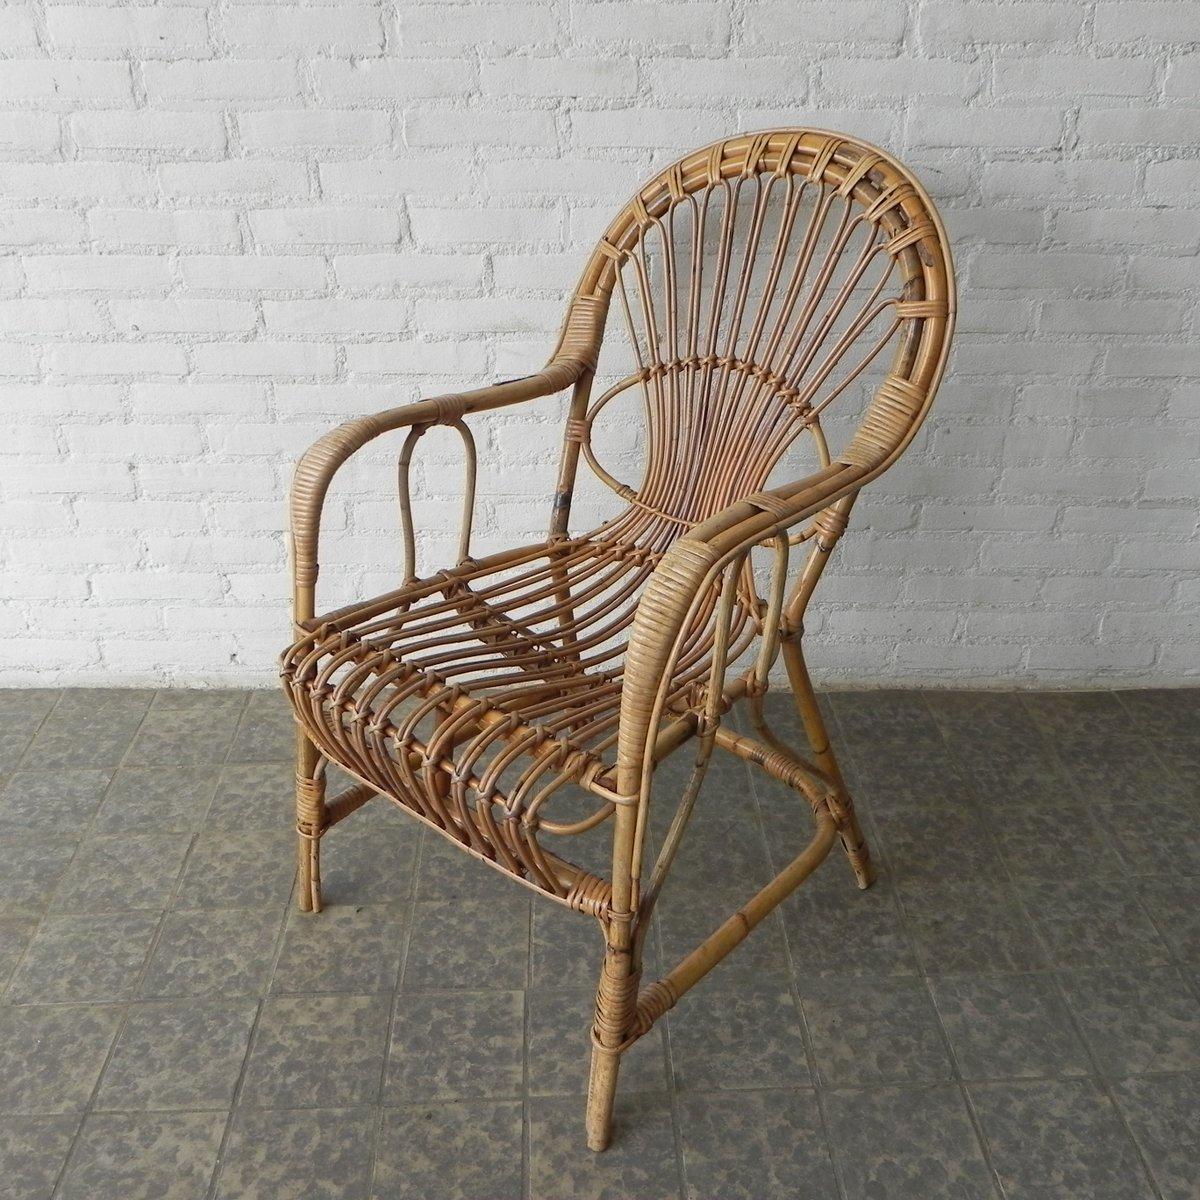 Fauteuil Vintage En Rotin Et Bambou En Vente Sur Pamono - Fauteuil bambou